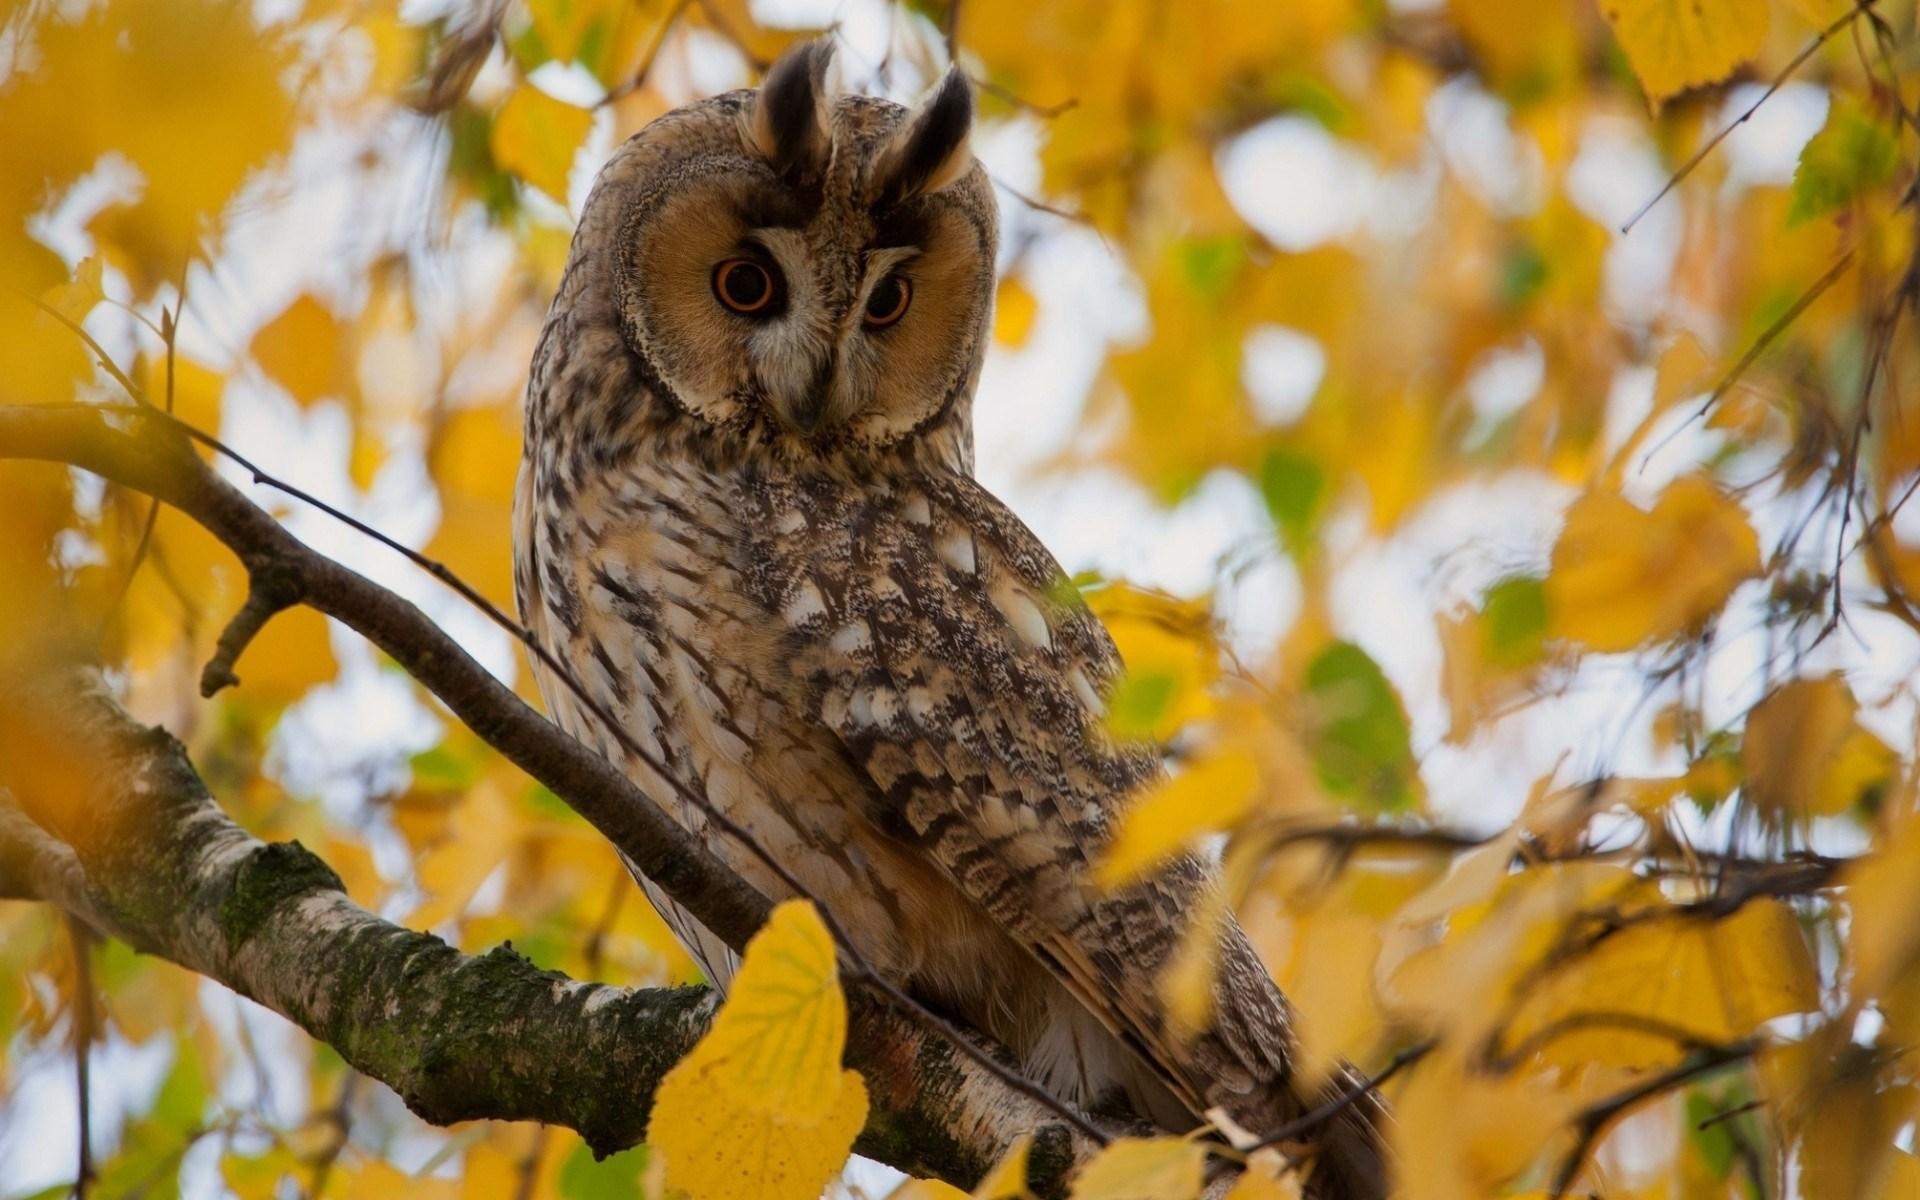 Free Falling Leaves Live Wallpaper Owl Baby Hd Desktop Wallpapers 4k Hd